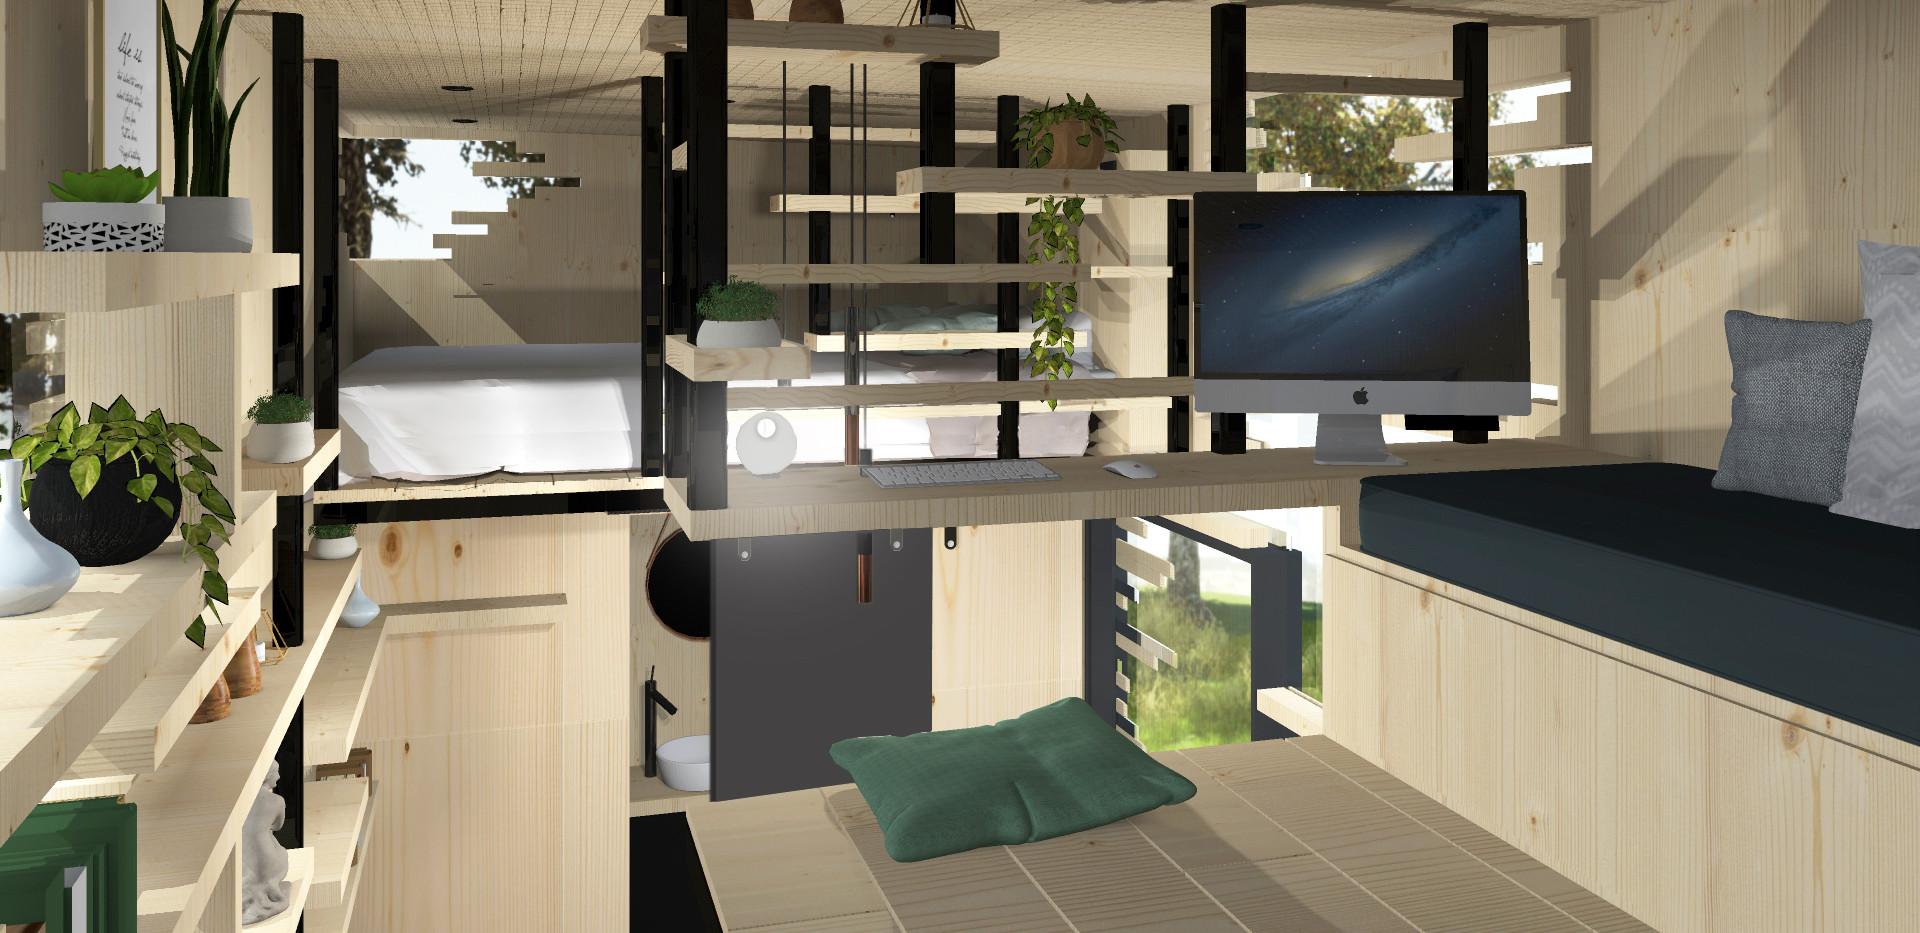 Conception Symbiose Tiny House pour le concours Fondation Huttopia à Lyon